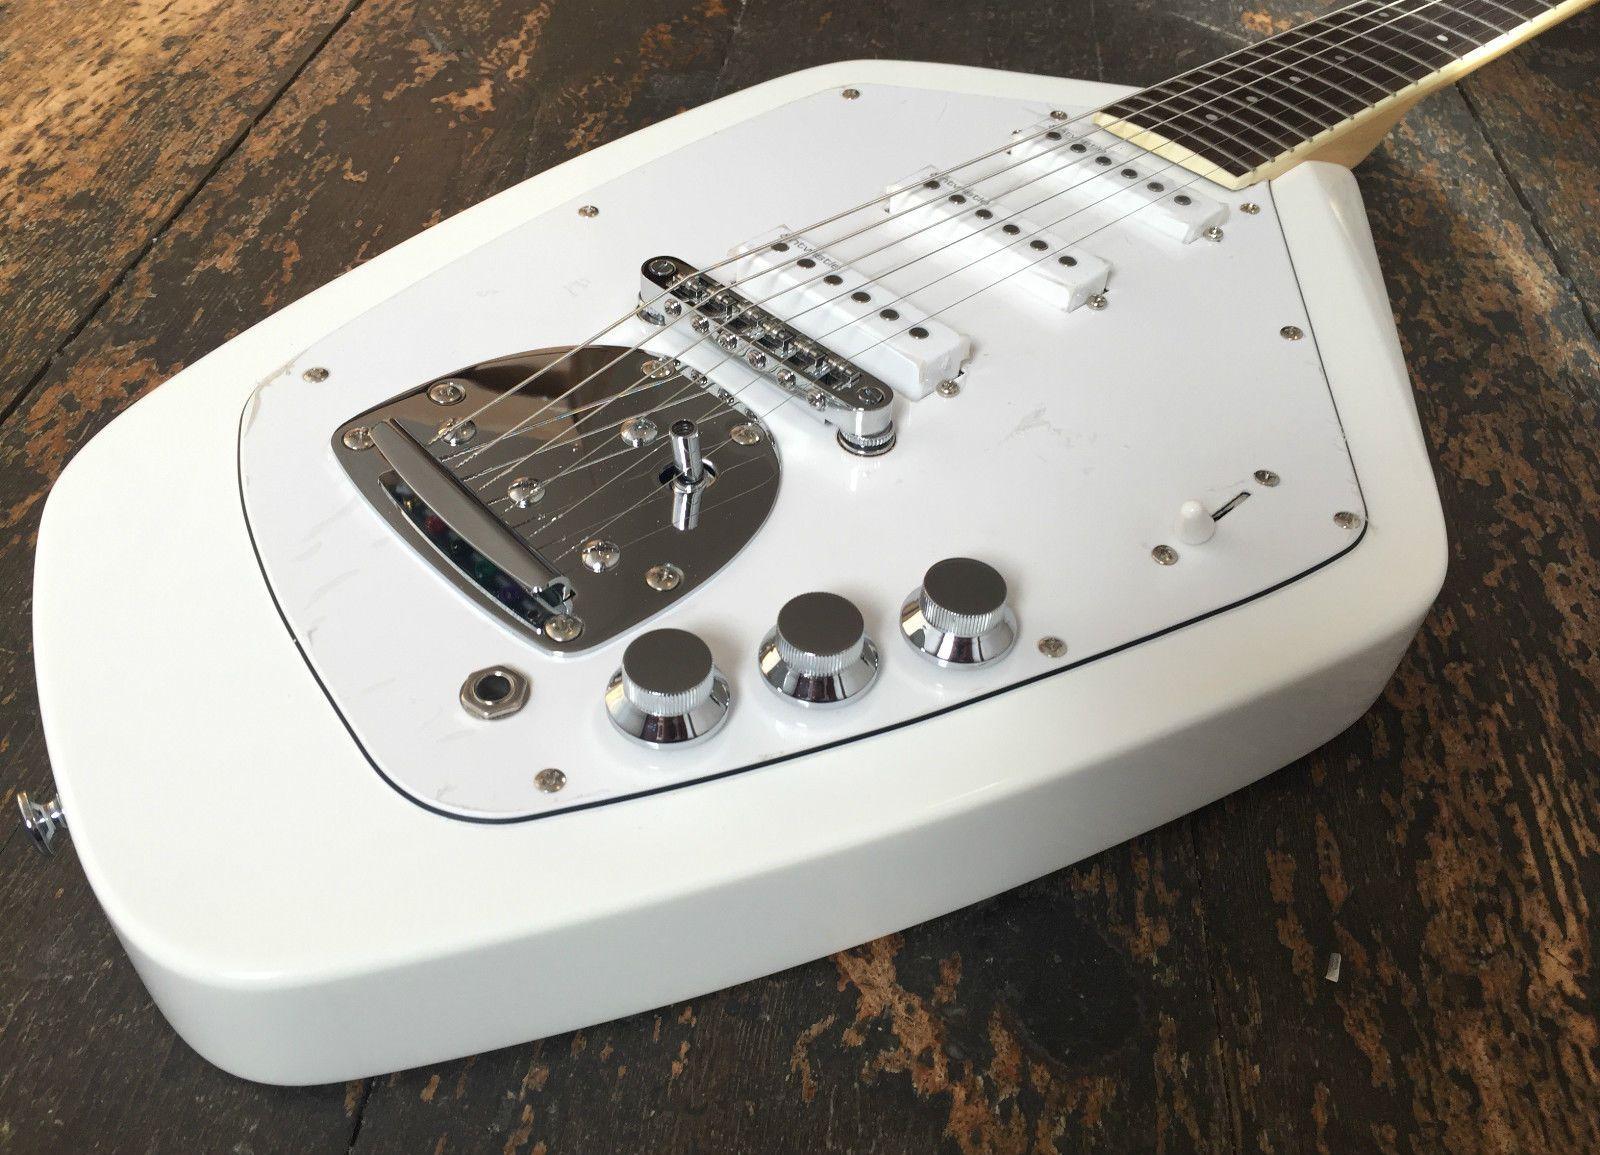 Revelation Vox Vtx 63 V Vintage White Electric Guitar Electric Guitar Guitar White Vintage